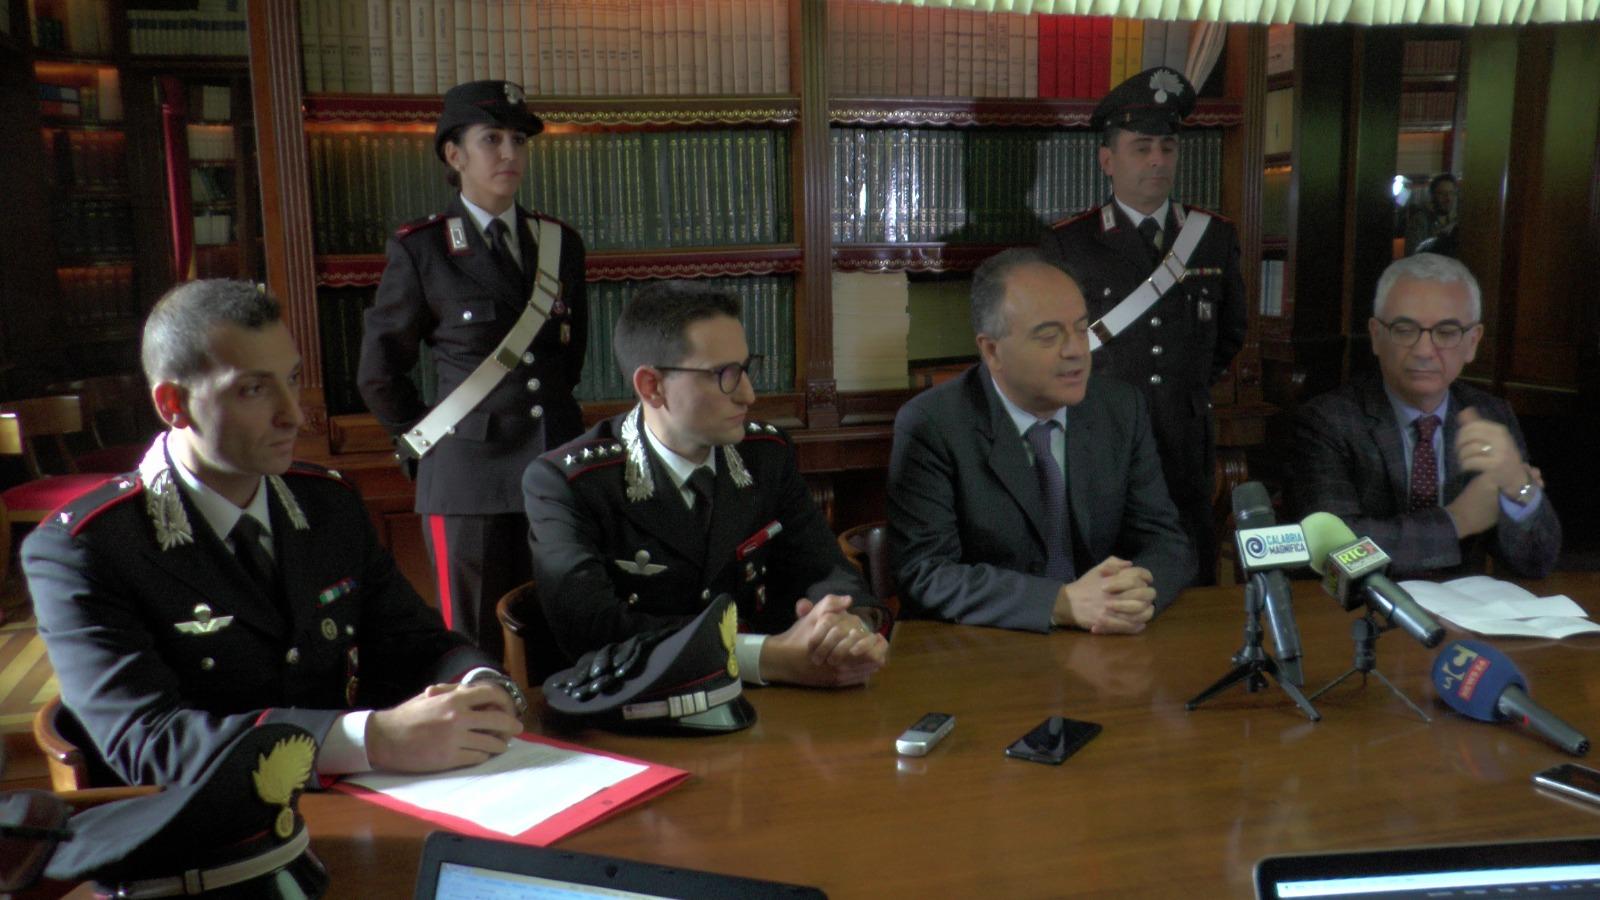 Omicidio Francesco Rosso, arrestate due personeSi ritiene siano i presunti mandanti dell'assassinio